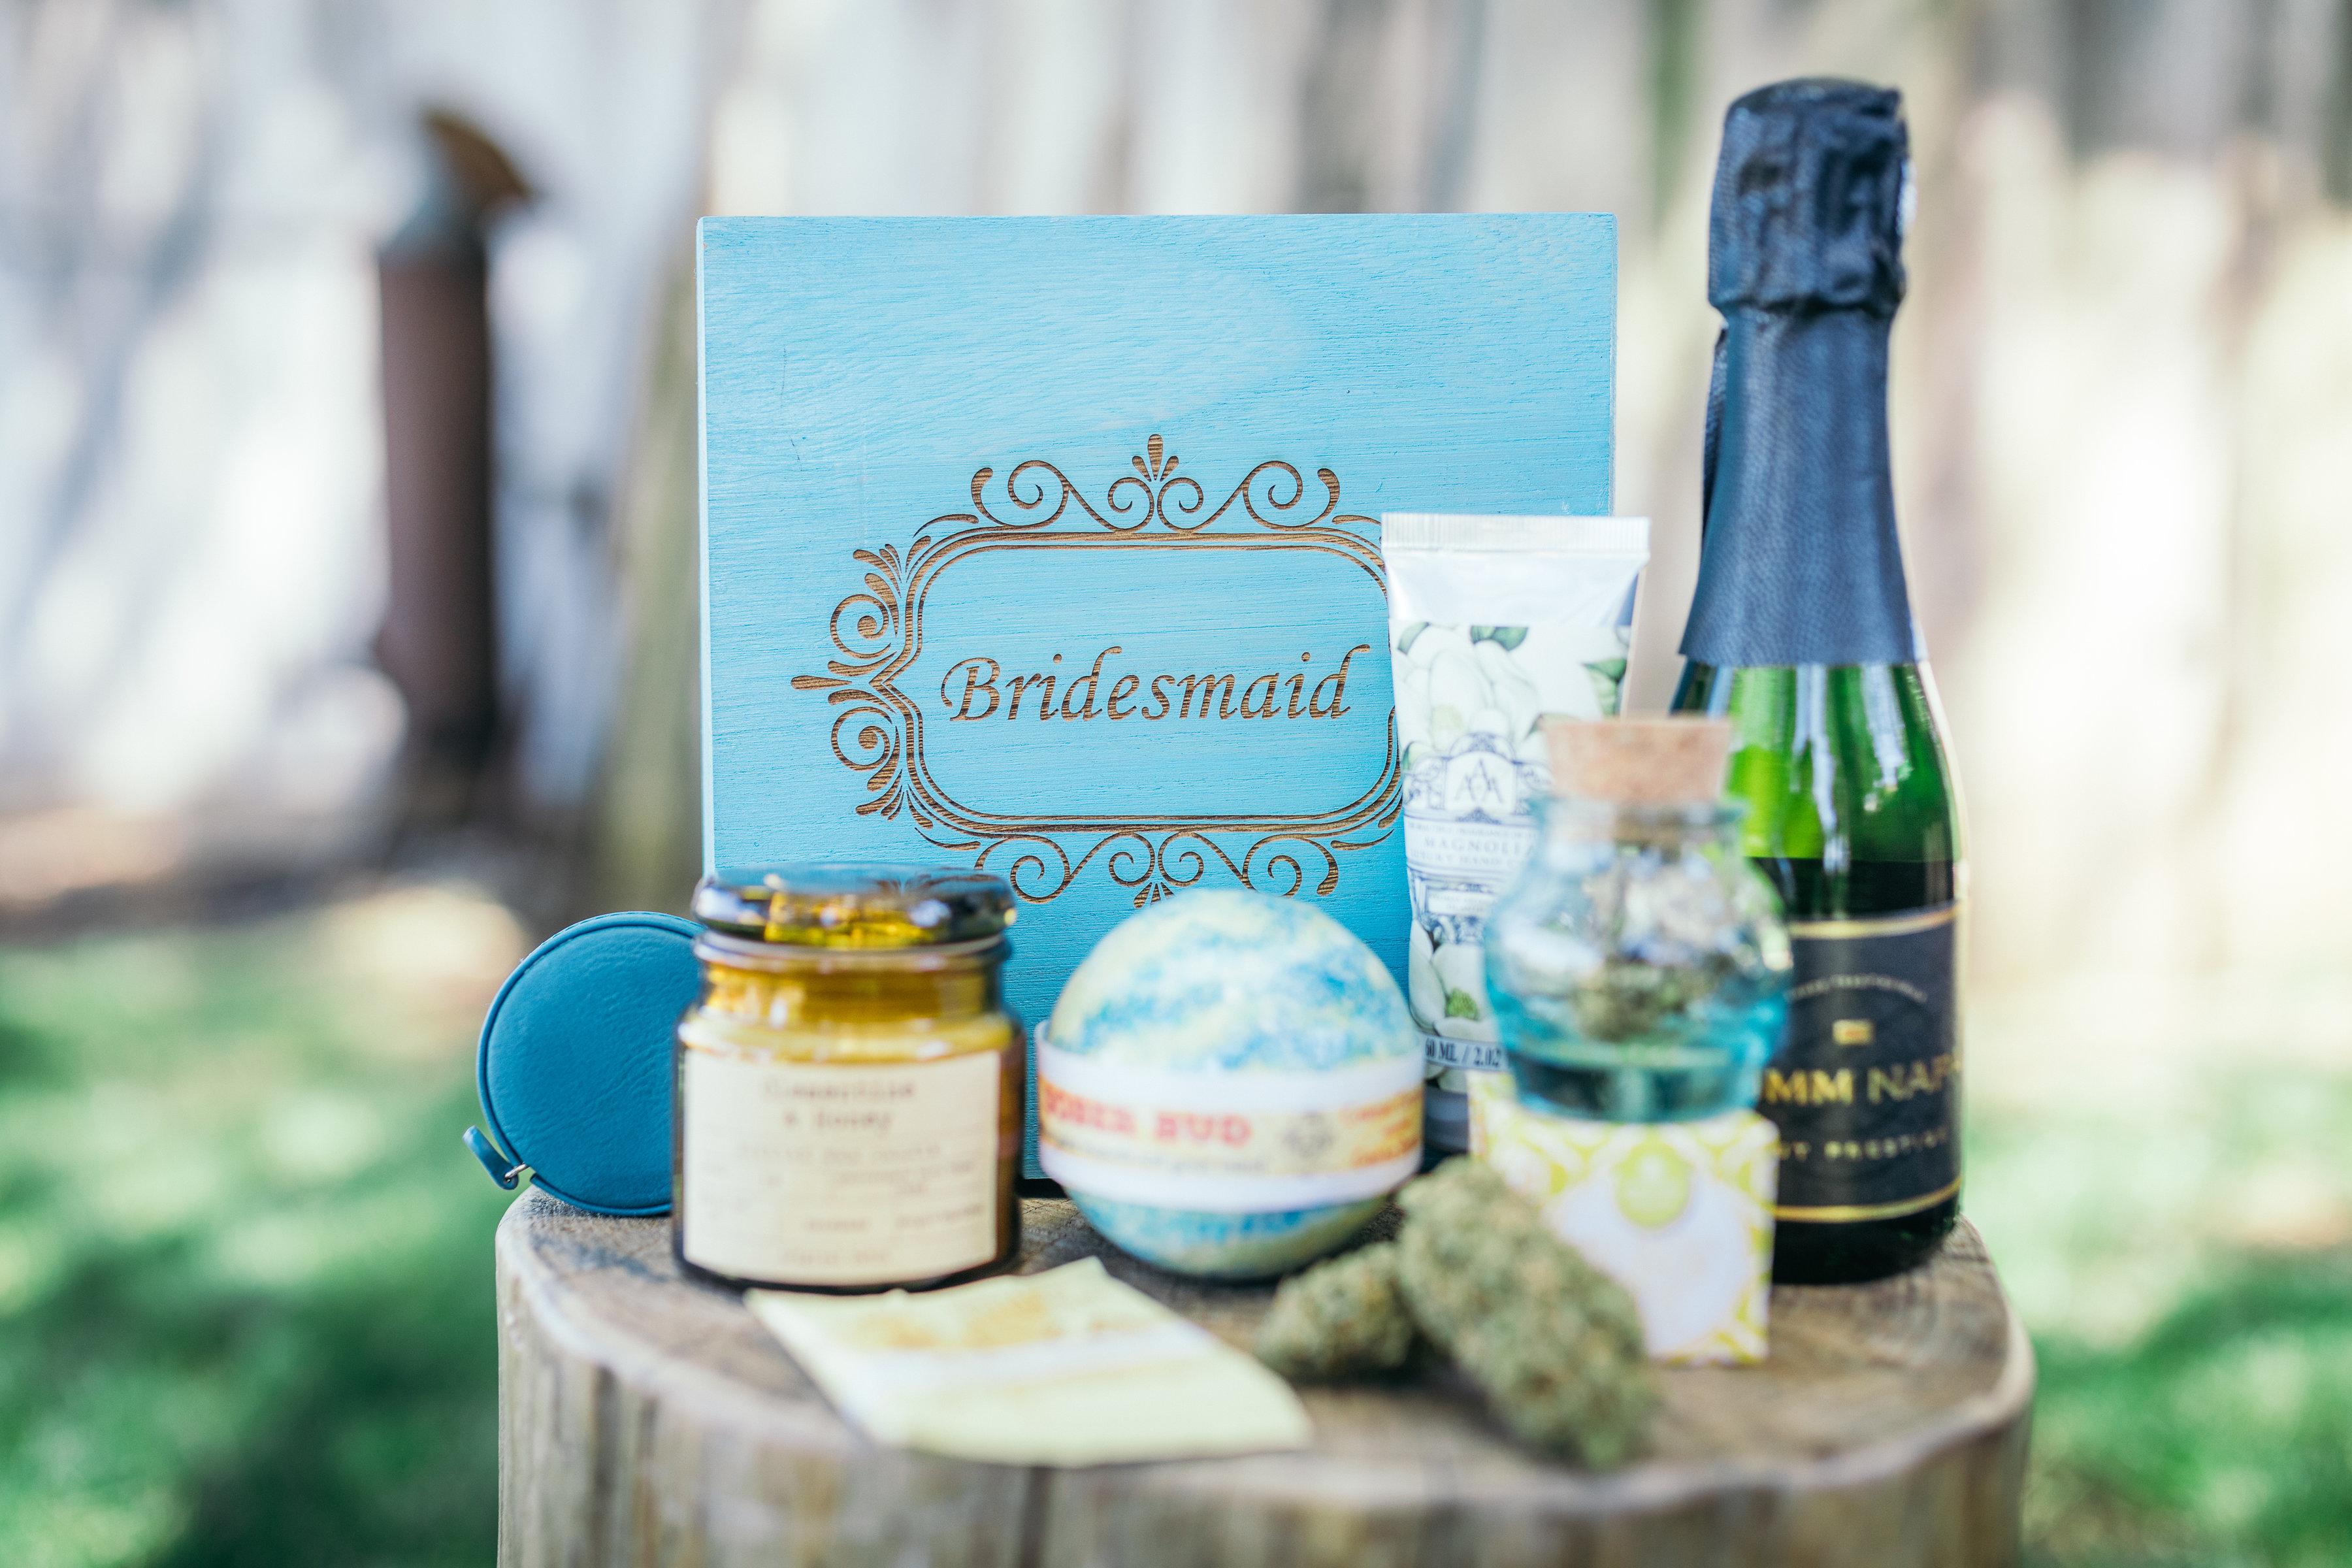 Bridesmaid gifts.